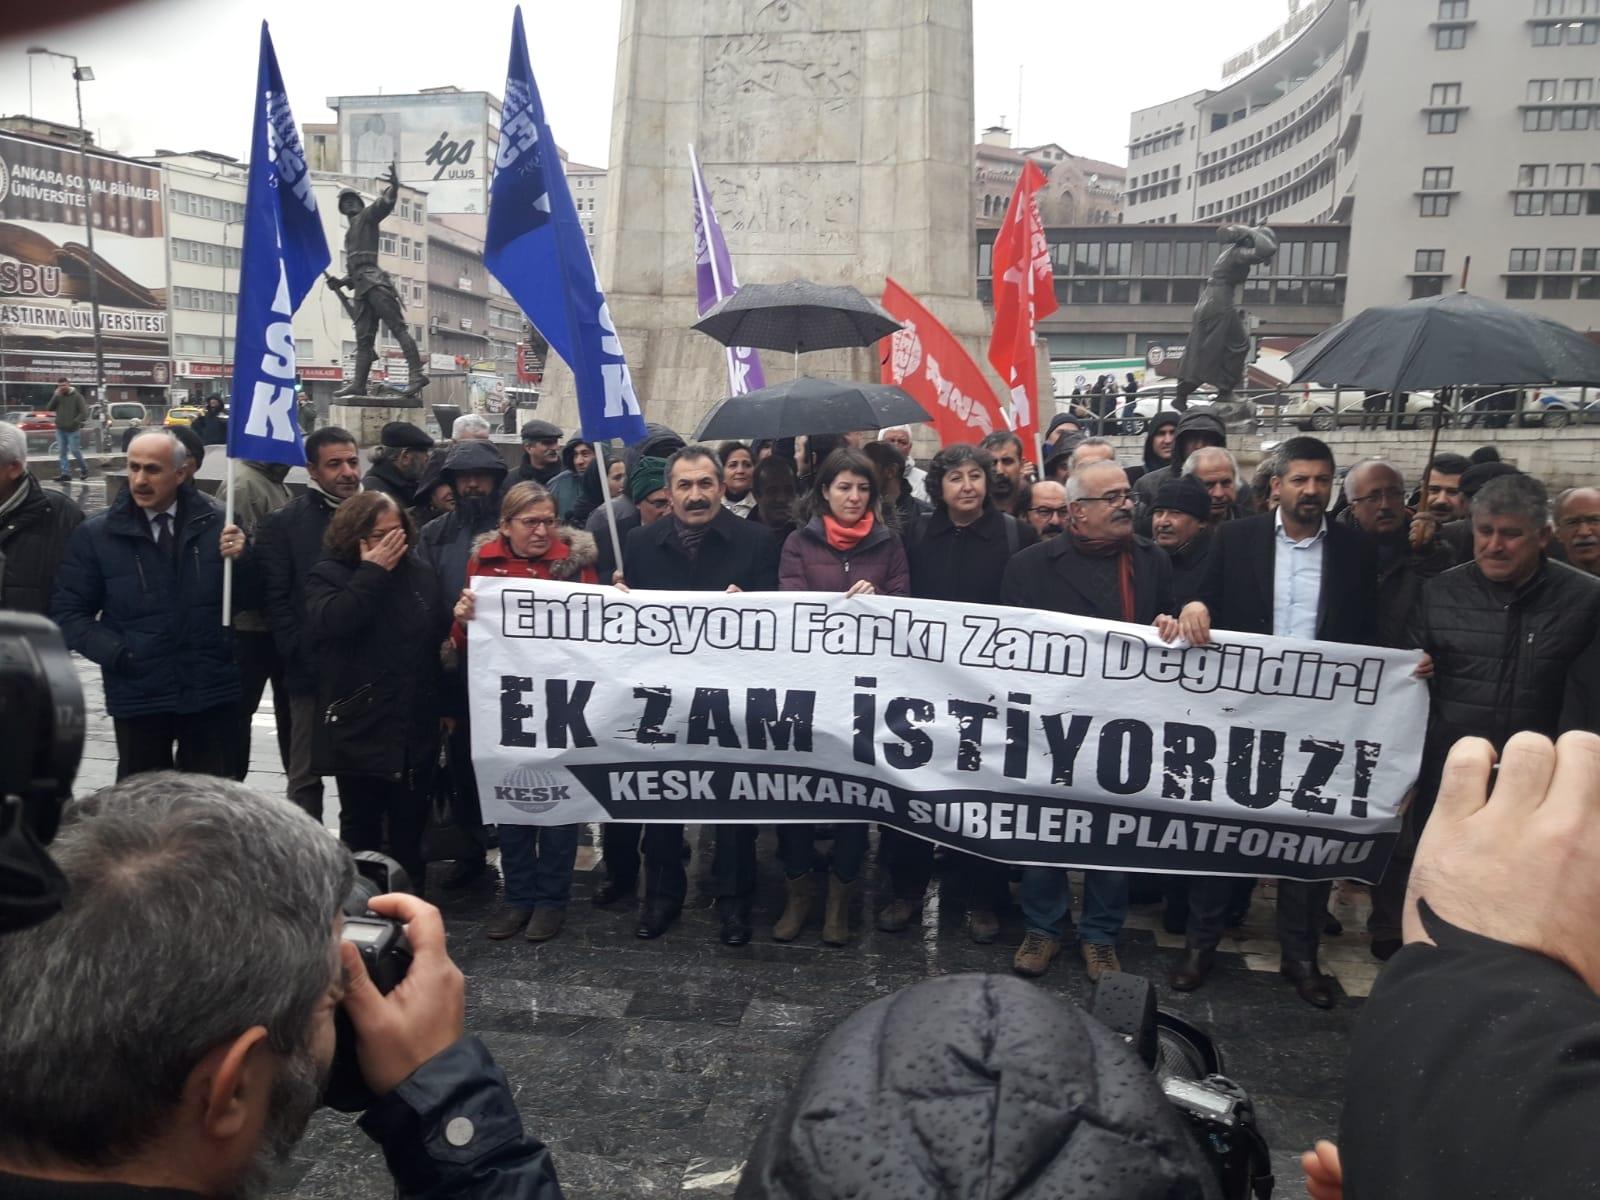 DEVLET TİYATROLARI SSP'Lİ ÇALIŞANLARIN ÇALIŞMA YÖNETMELİĞİ İÇİN ÇALIŞTAY...